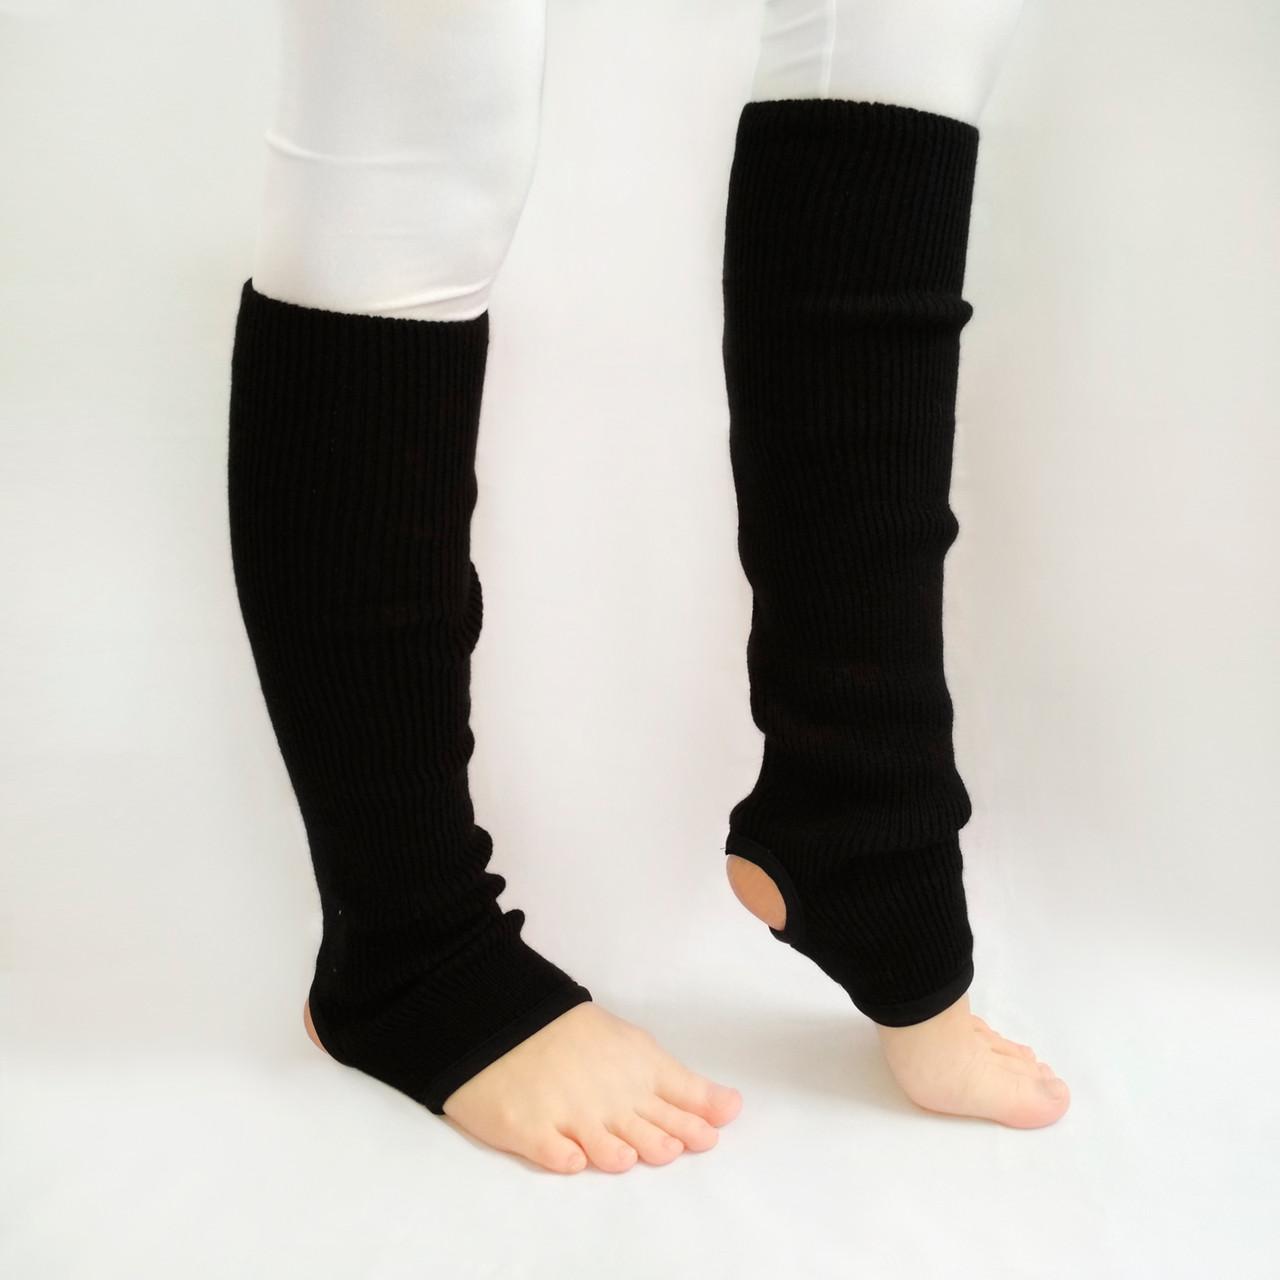 Вязаные детские гетры для танцев и гимнастики 35 см Черный